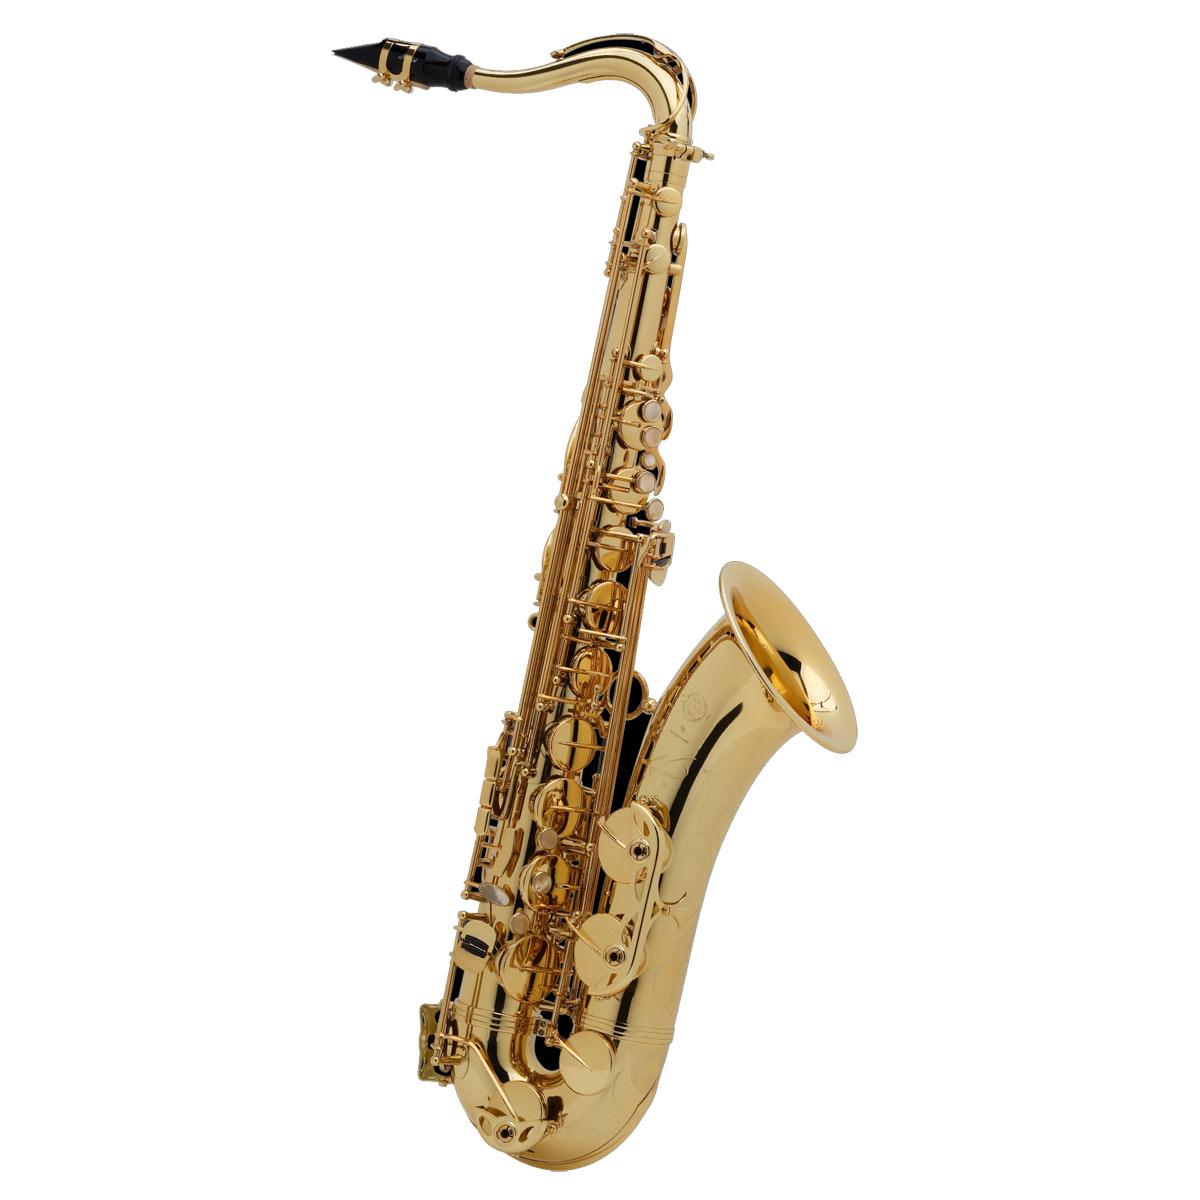 【在庫あり】Selmer / TS REFERENCE36 GL セルマー Tenor Saxophones リファレンス テナーサックス 新品 【5年保証】